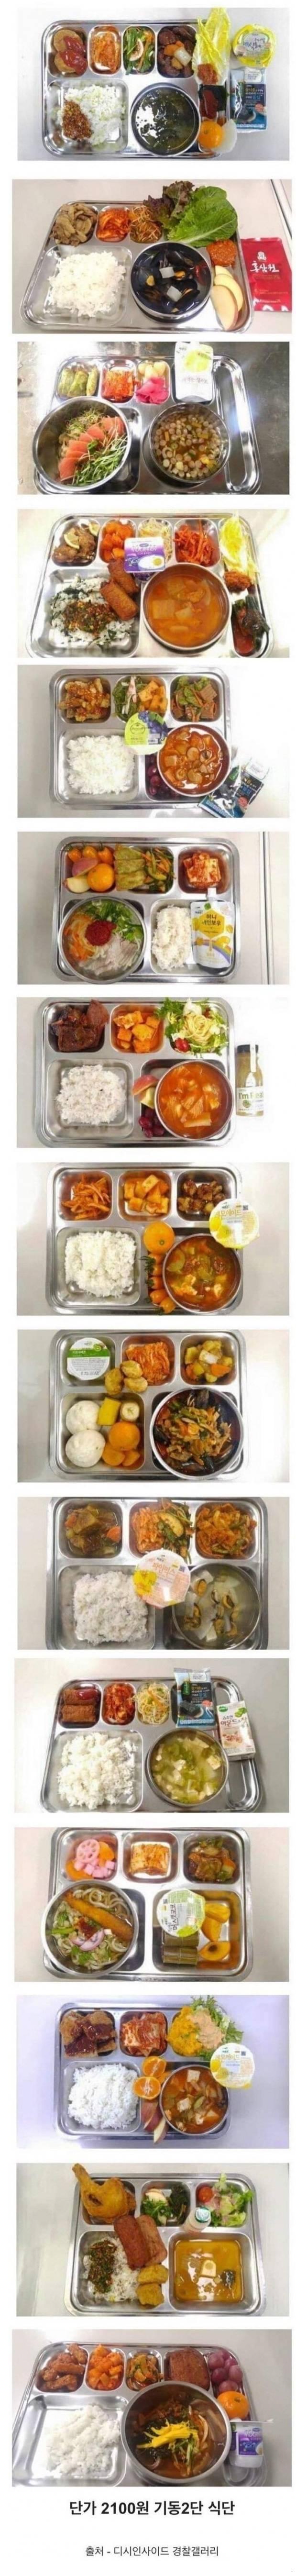 단가 2,100원 의경 식단.jpg